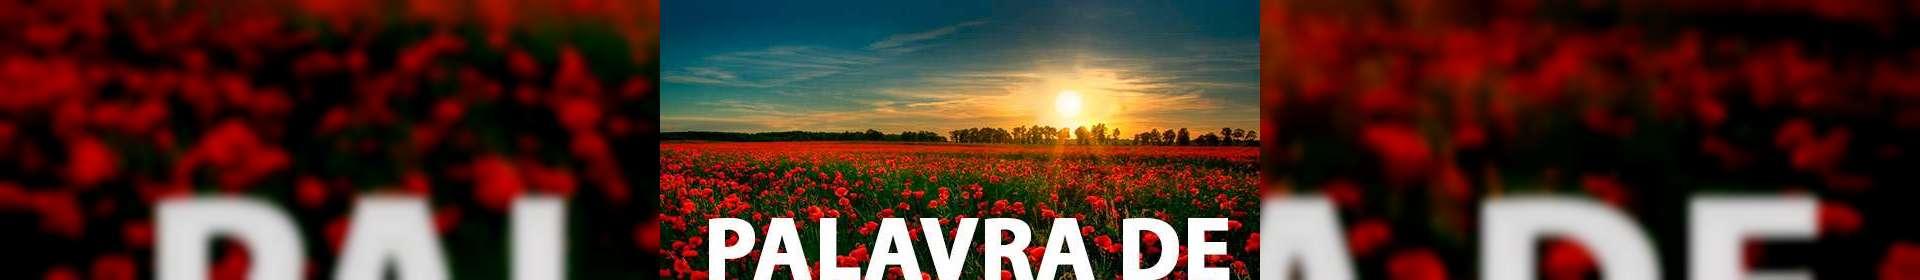 Salmos 135:5,6 - Uma Palavra de Esperança para sua vida